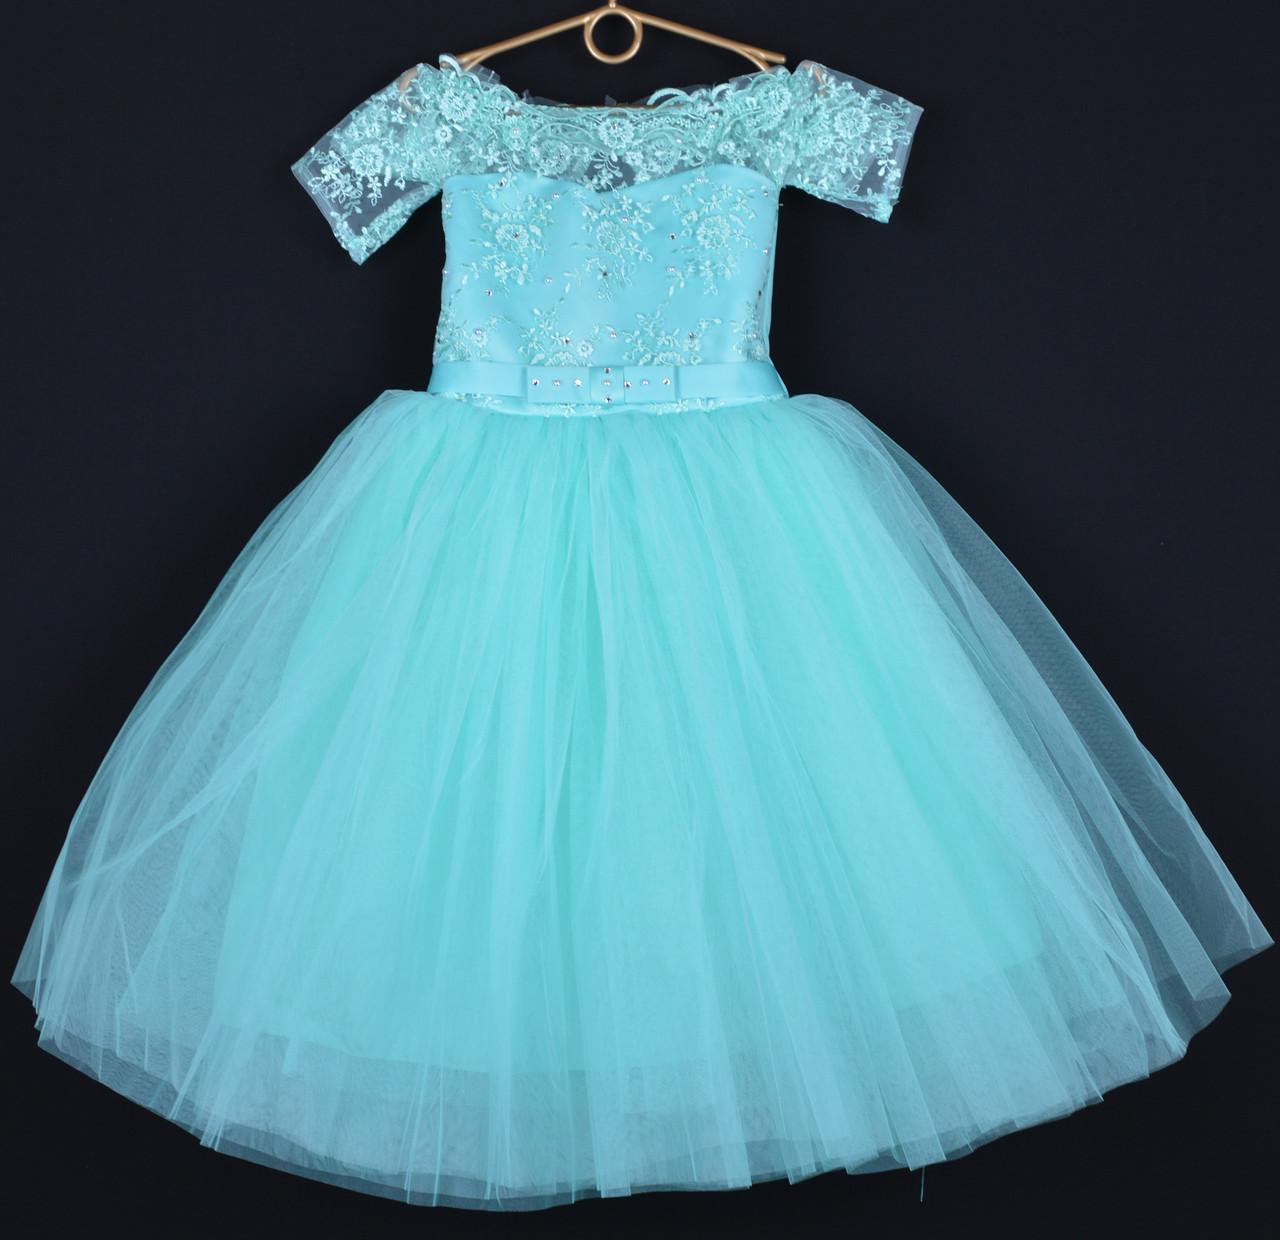 """Платье нарядное детское """"Марианна"""" с рукавчиком 5 лет. Мятное. Купить оптом и в розницу"""